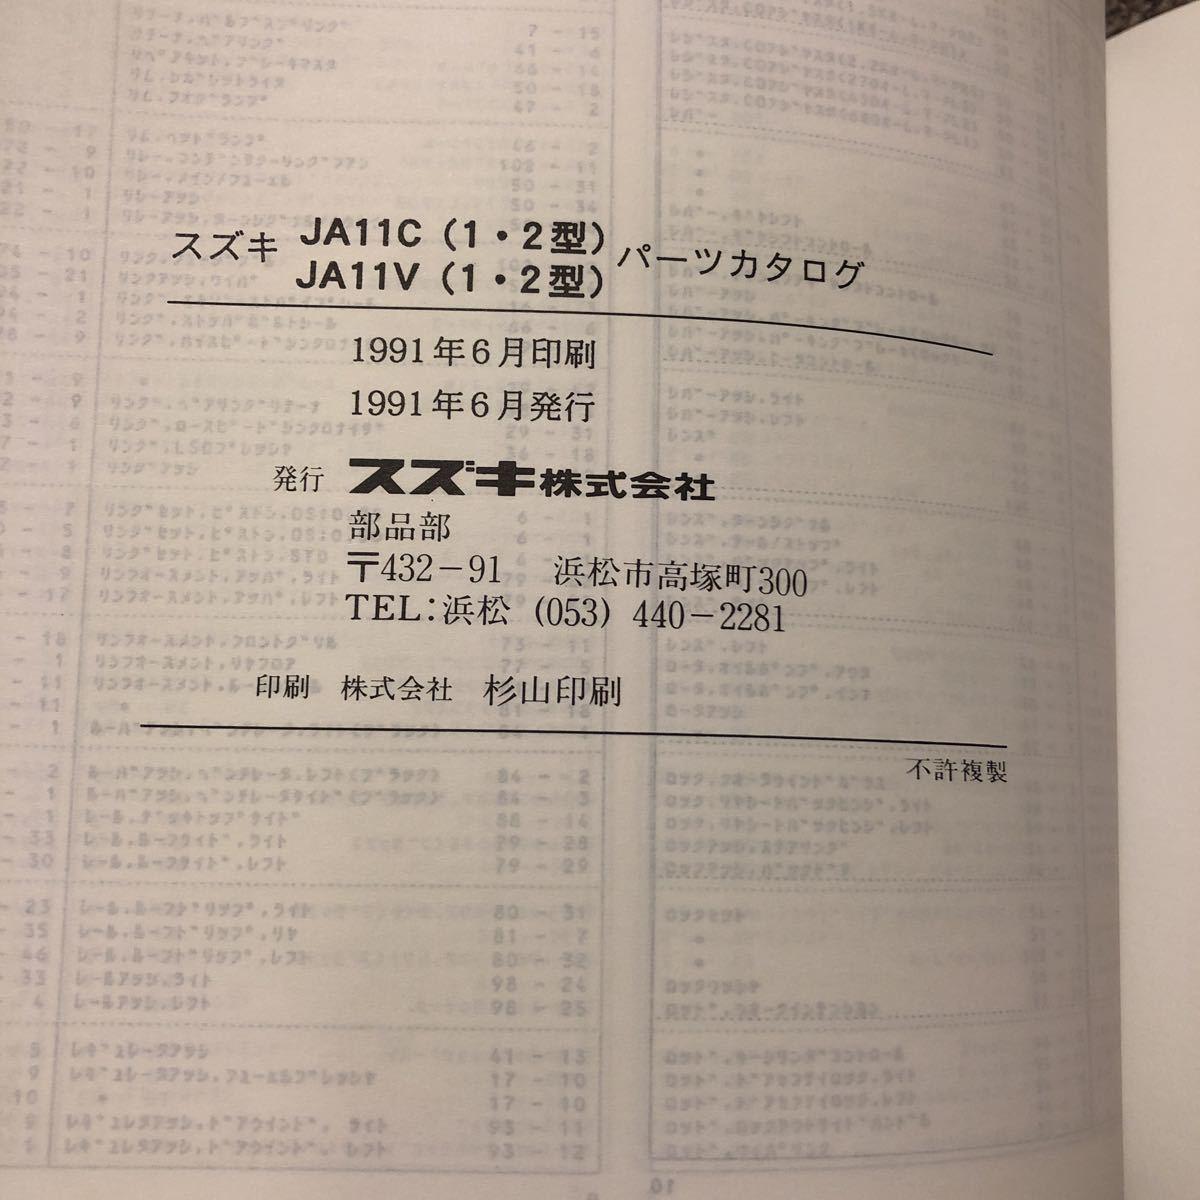 【送料無料】ジムニーJA11C JA11V パーツカタログ スズキ パーツリスト suzuki 660_画像5